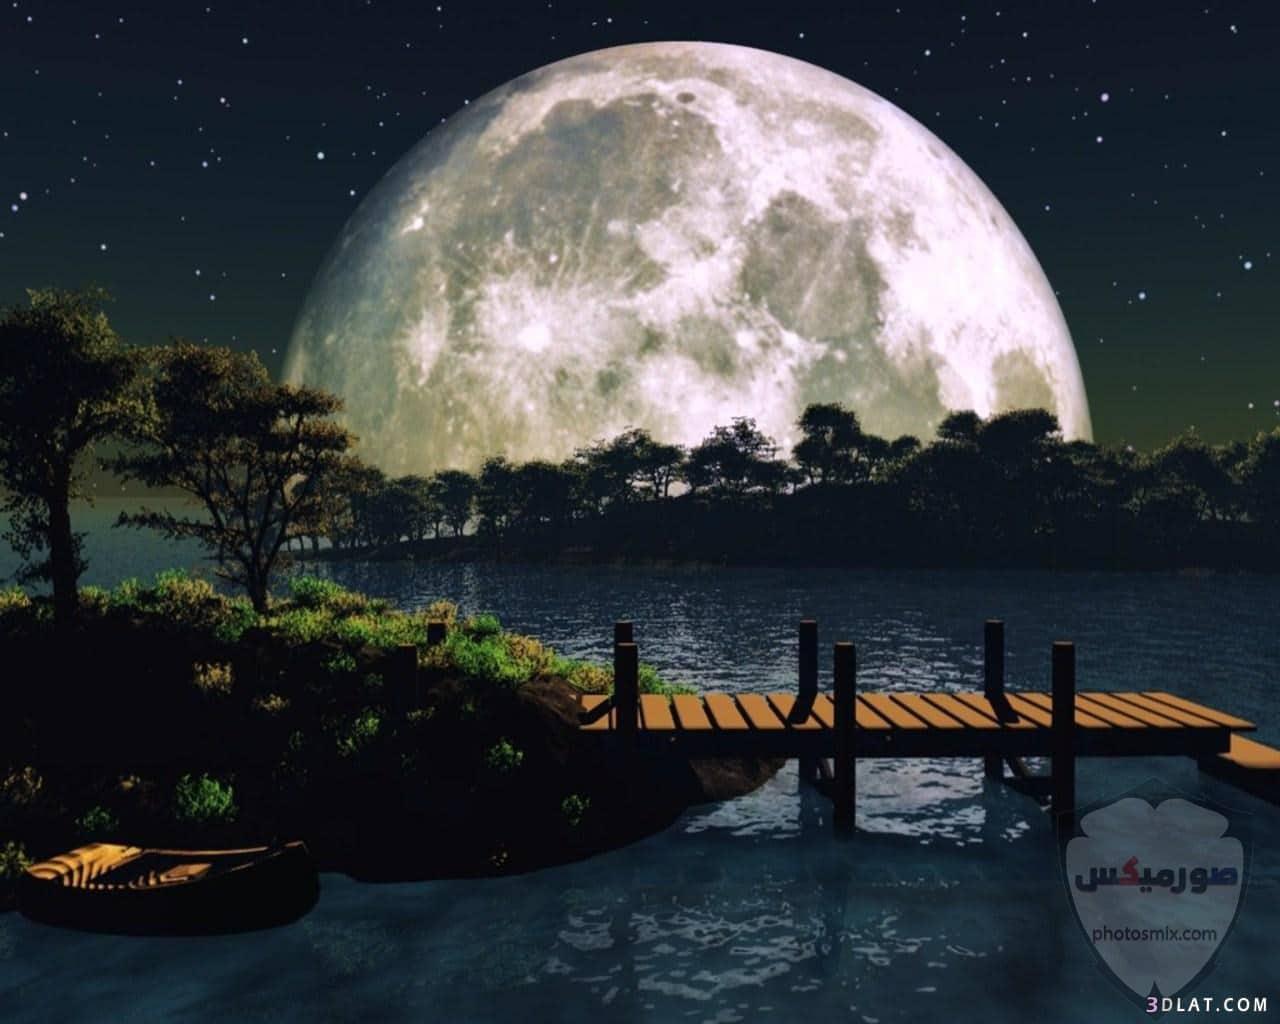 صور القمر العملاق رمزيات عن القمر العملاق صور قمر وسط النجوم 7